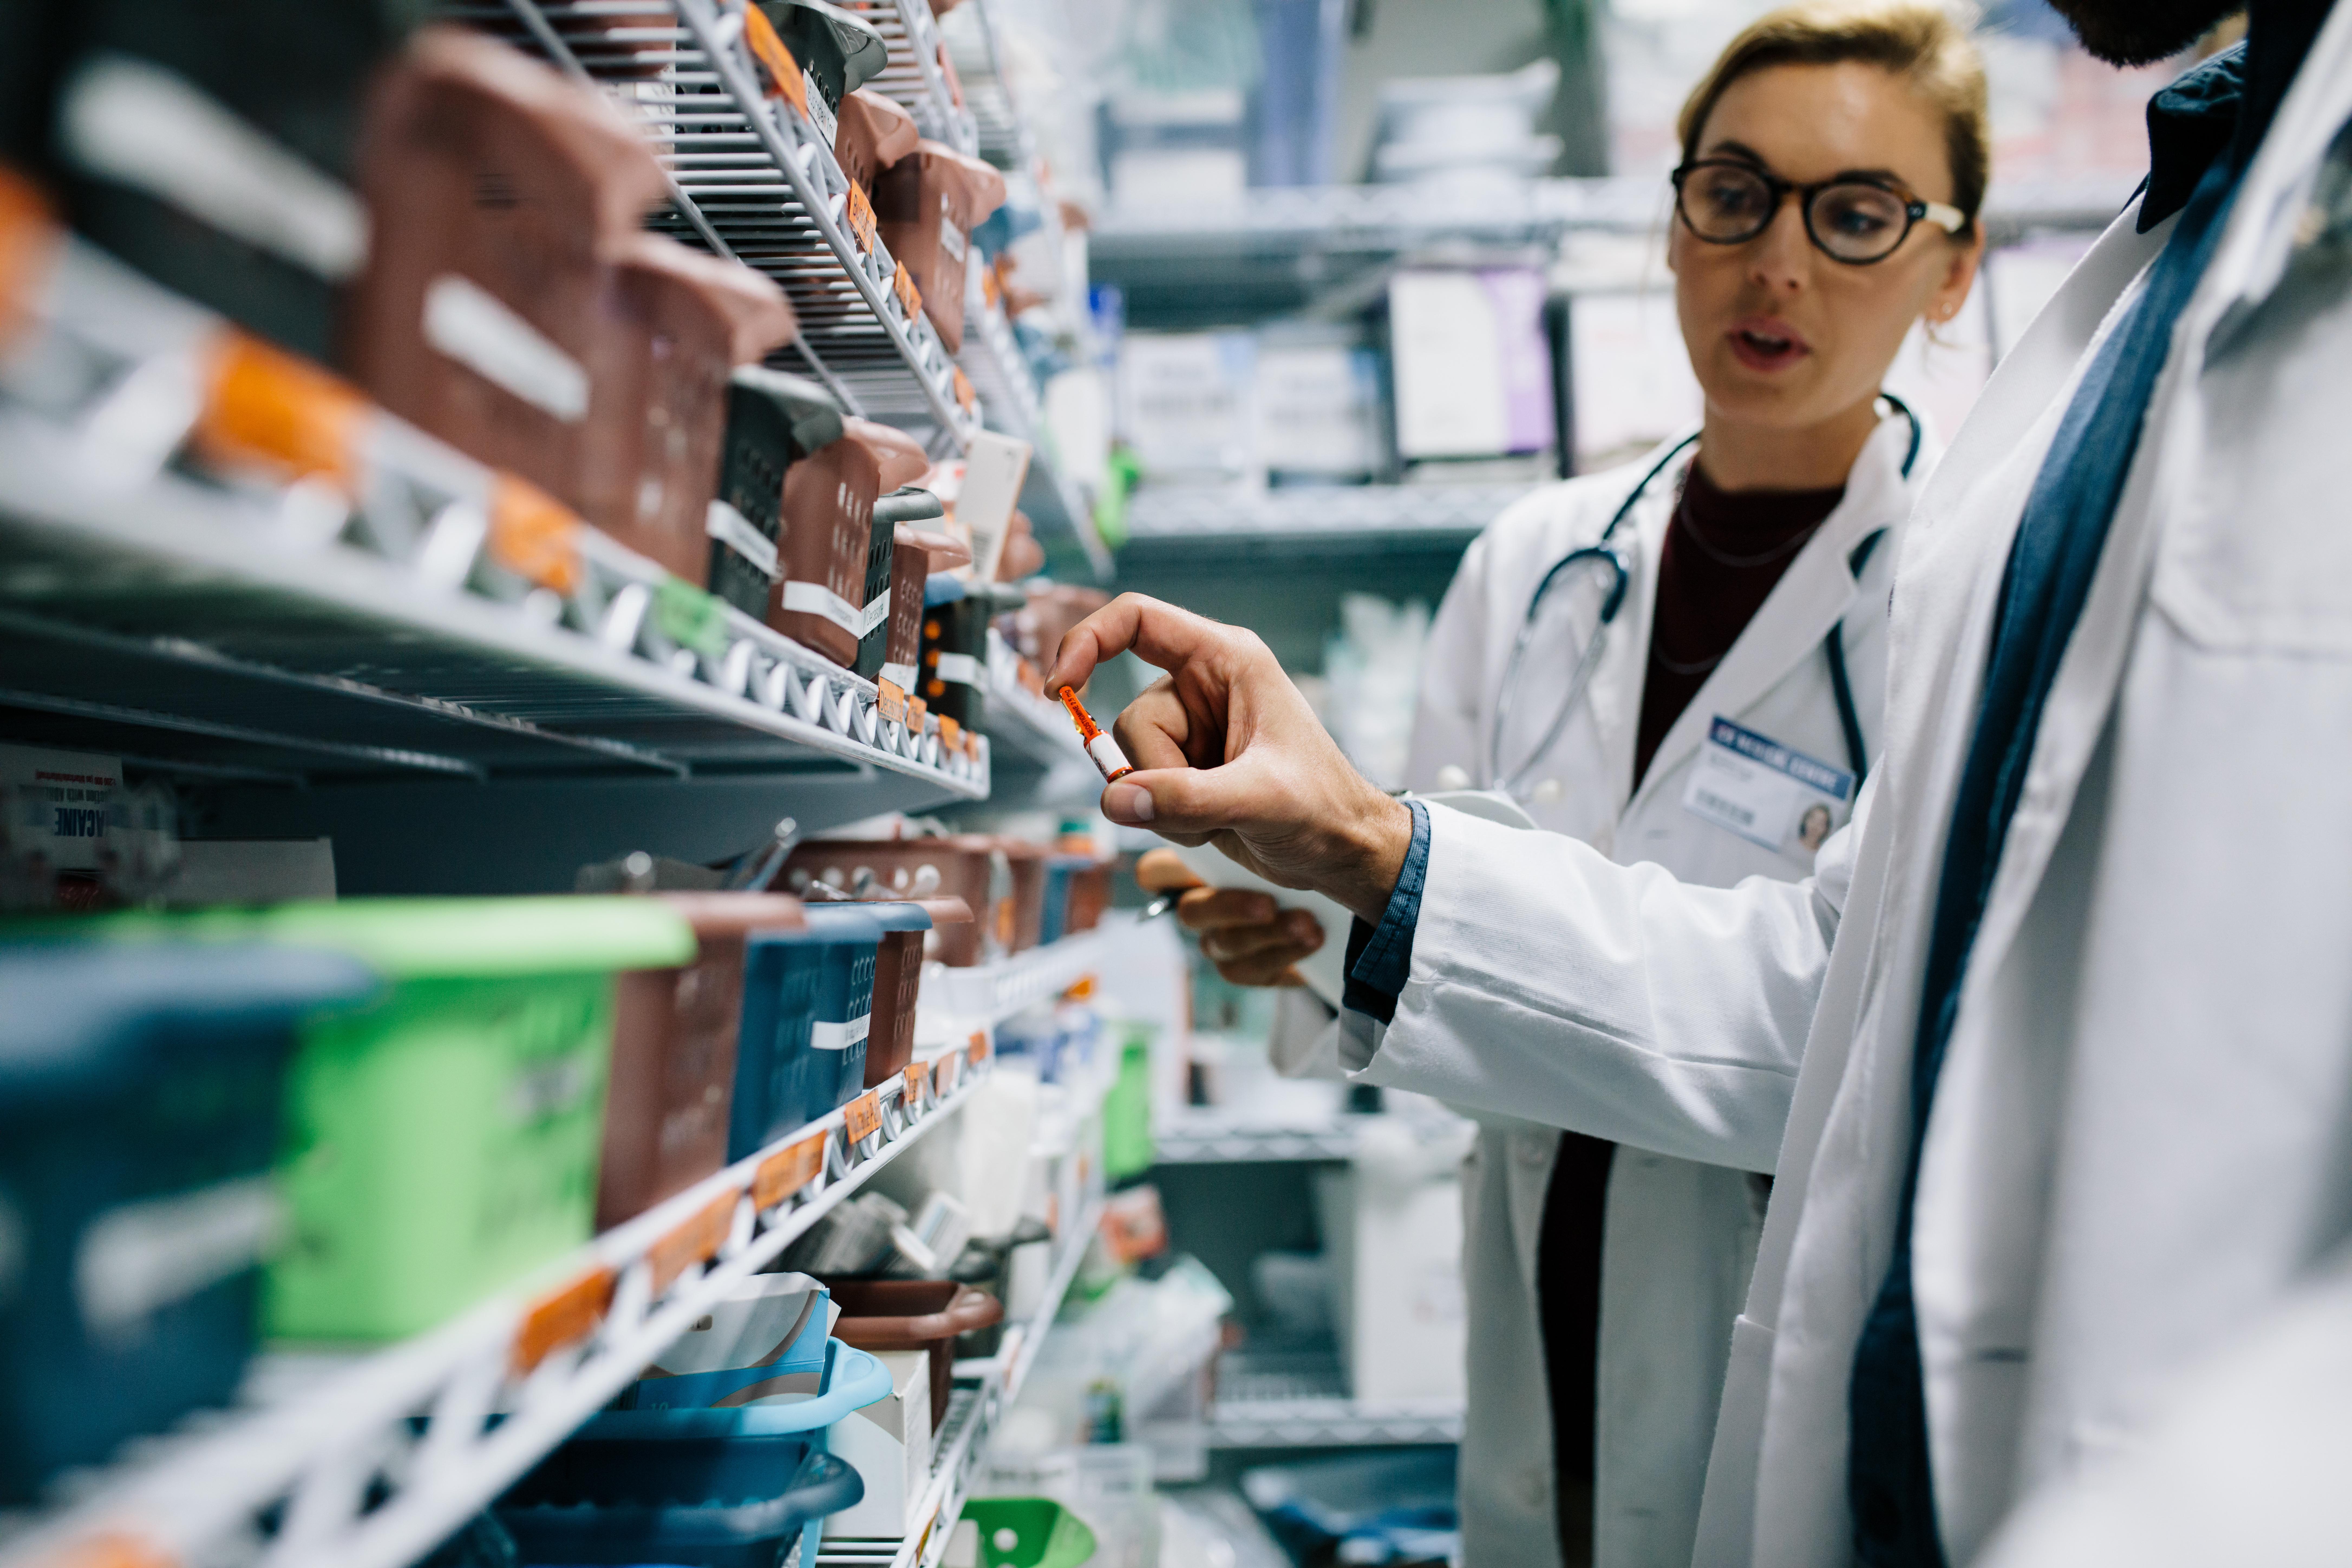 Ministrul Sănătății a anunțat că farmaciile vor putea face teste Covid, dacă vor putea asigura un spațiu corespunzător